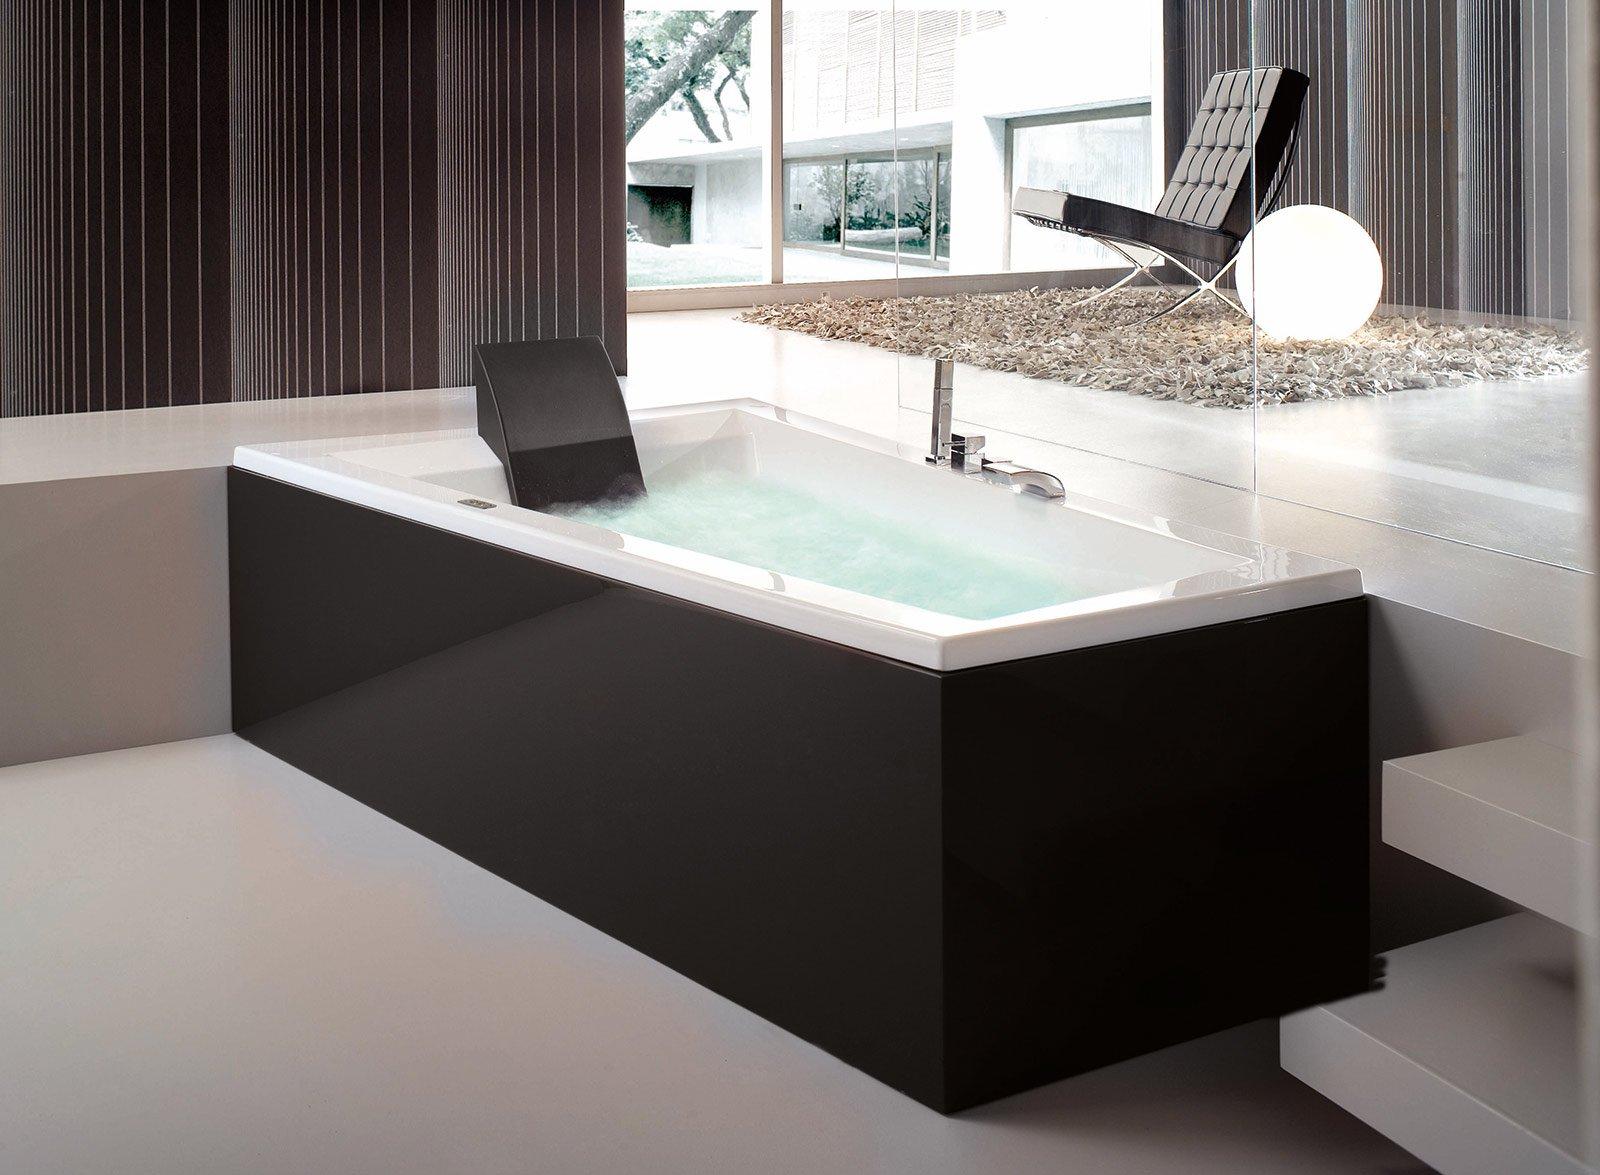 Bagno con un tocco di nero cose di casa - Bagno con sale grosso ...